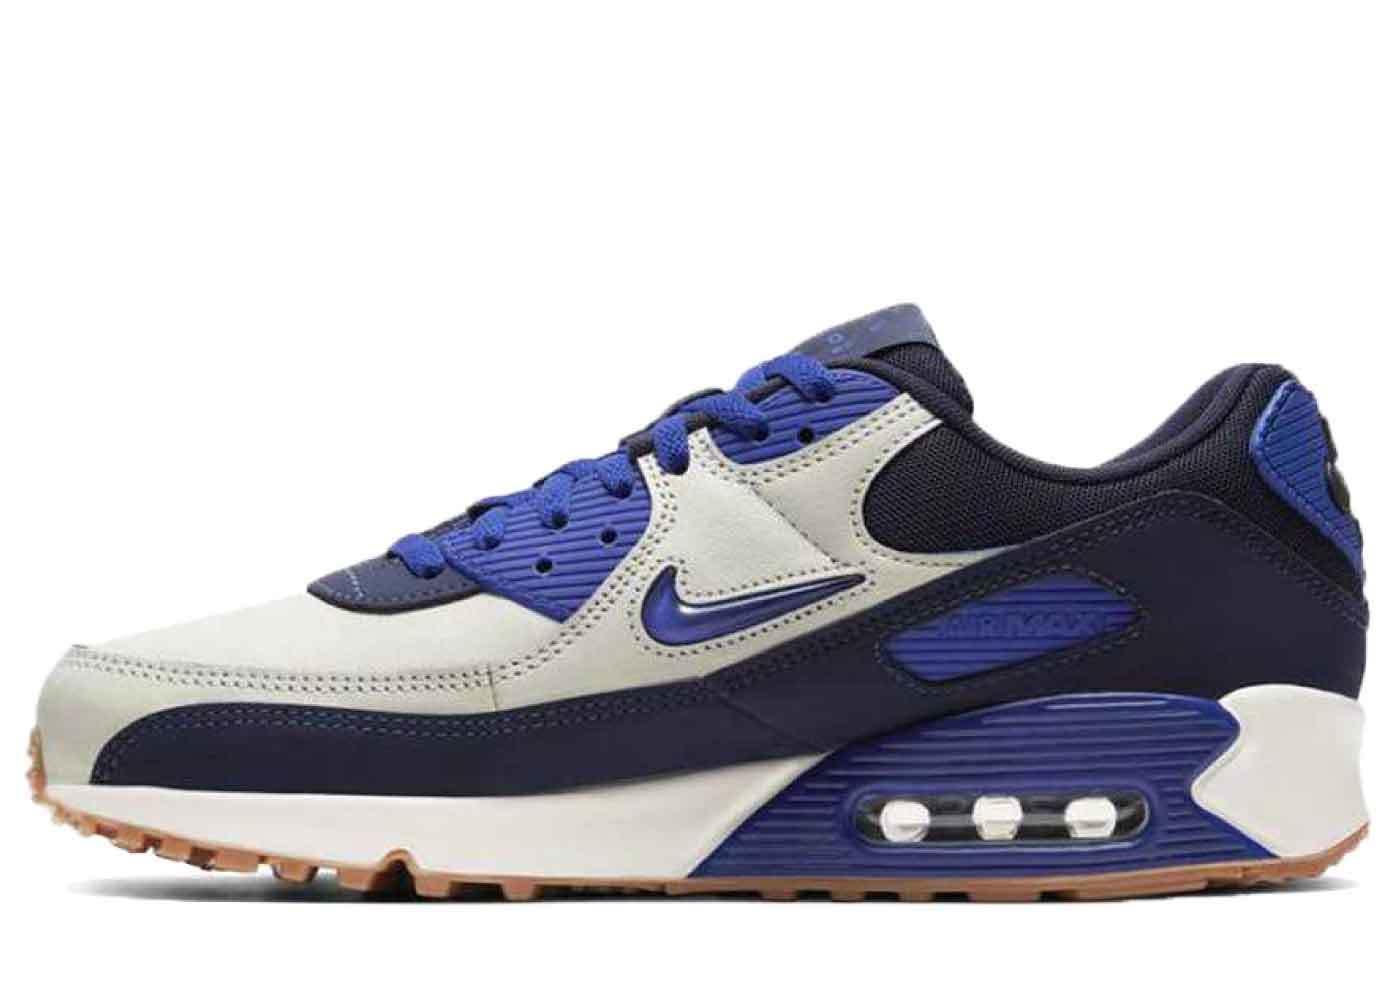 Nike Air Max 90 Home & Away Blueの写真